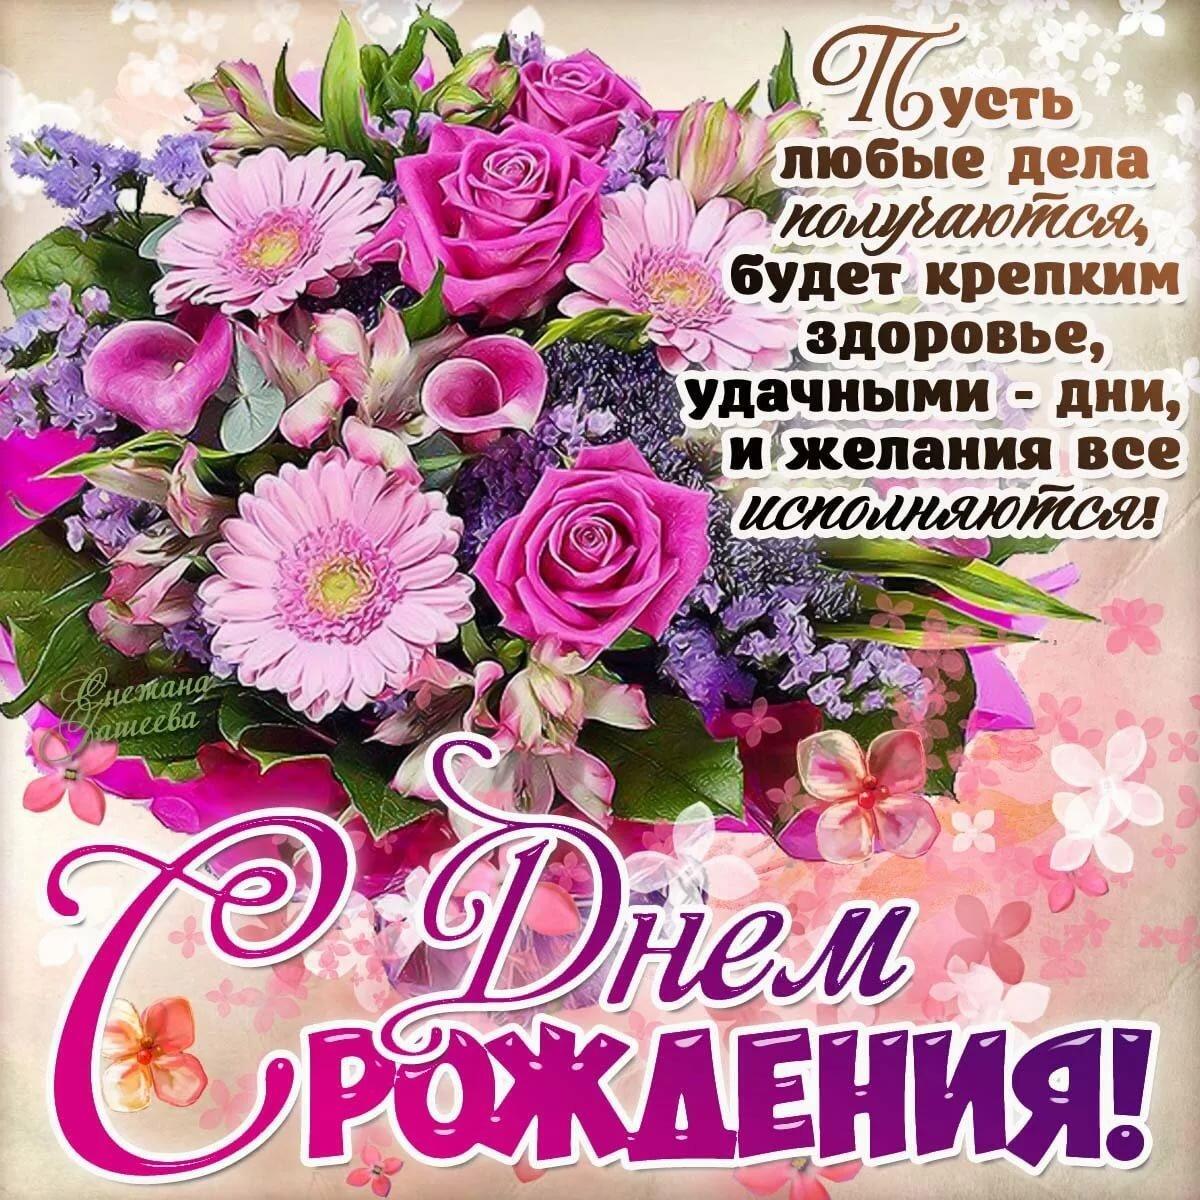 Поздравить с днем рождения открытка женщине, открытки верой надеждой